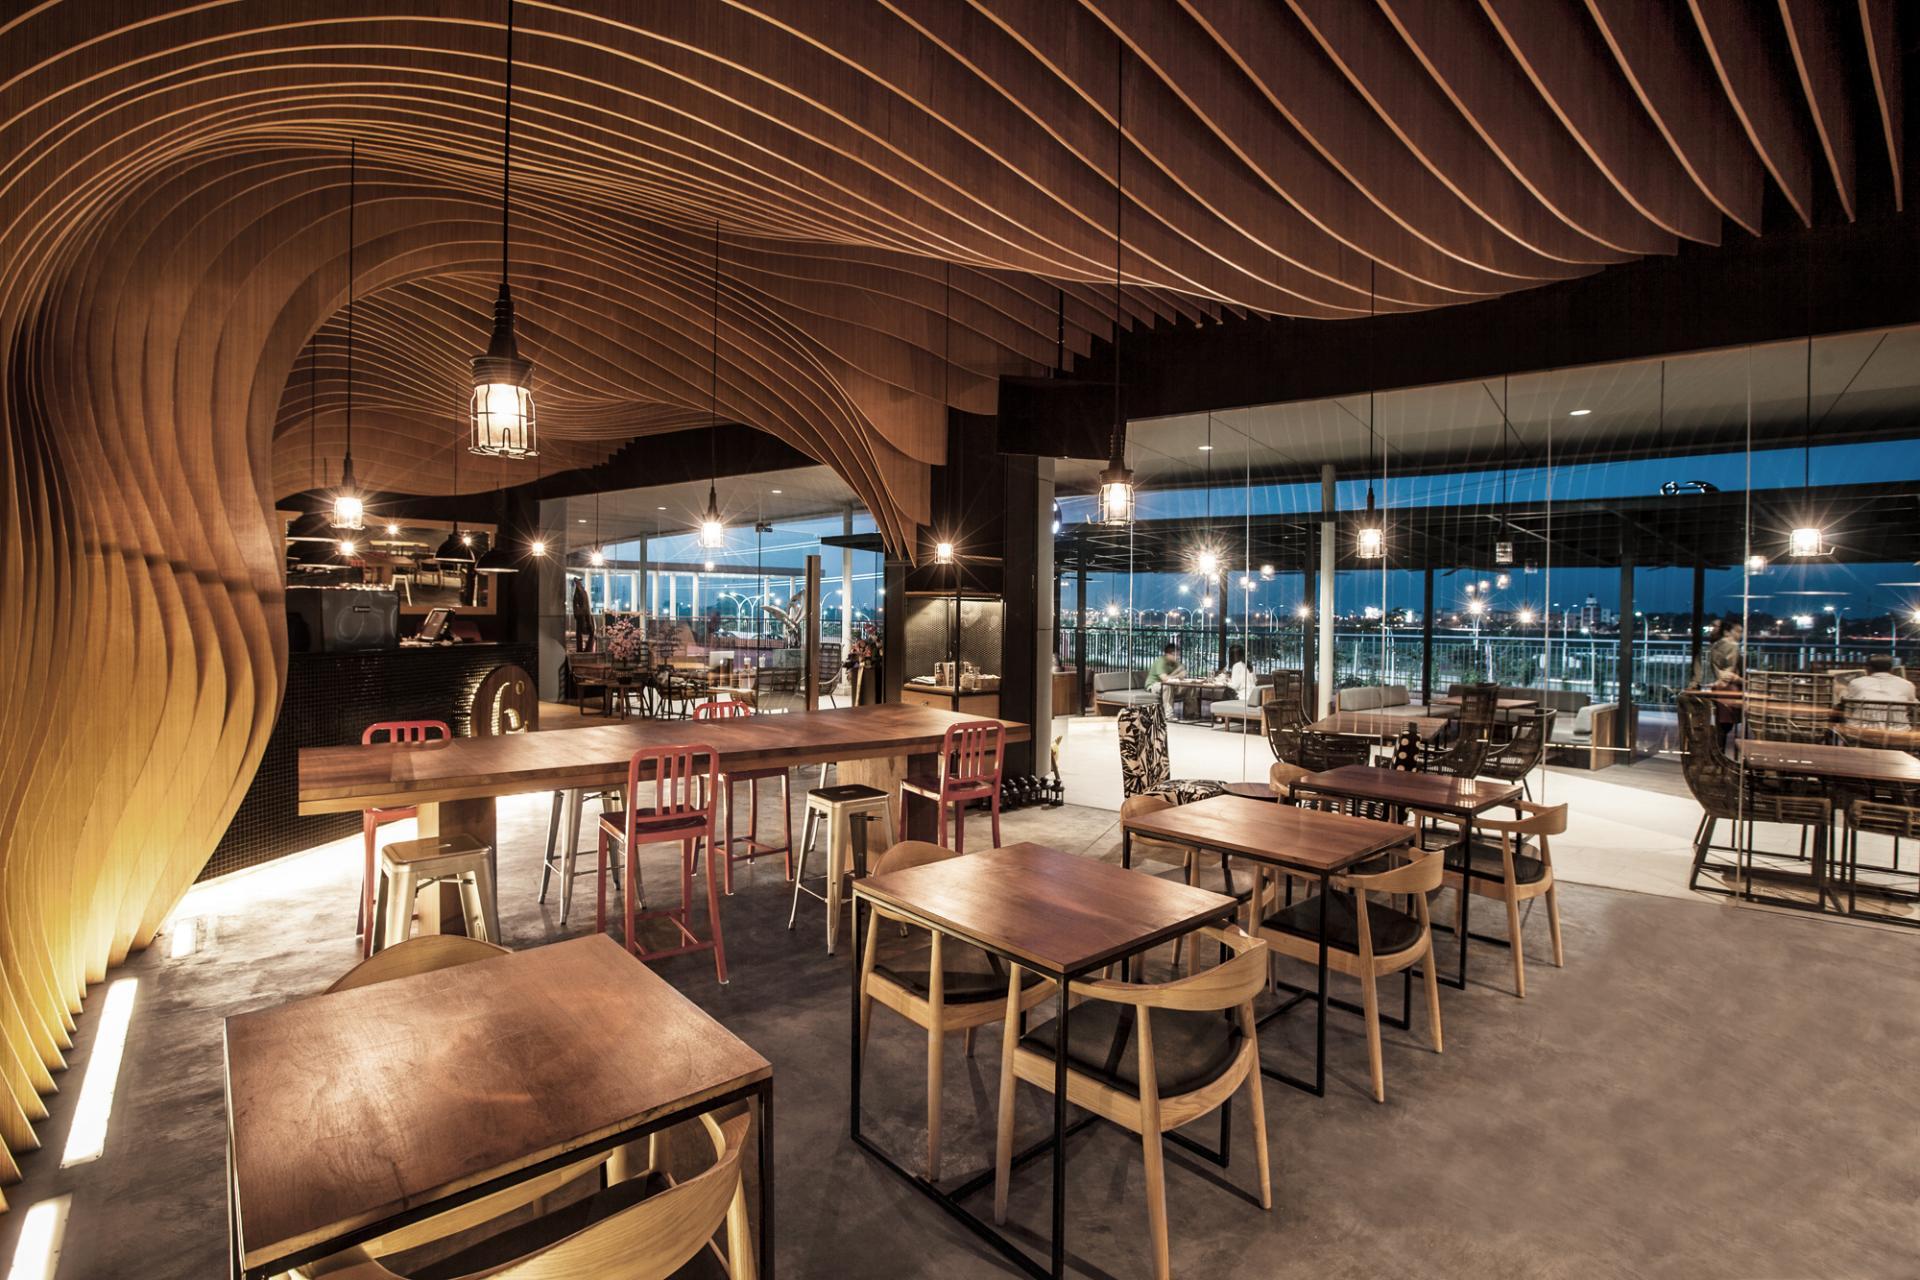 Фотографии интерьера и дизайна кафе и ре